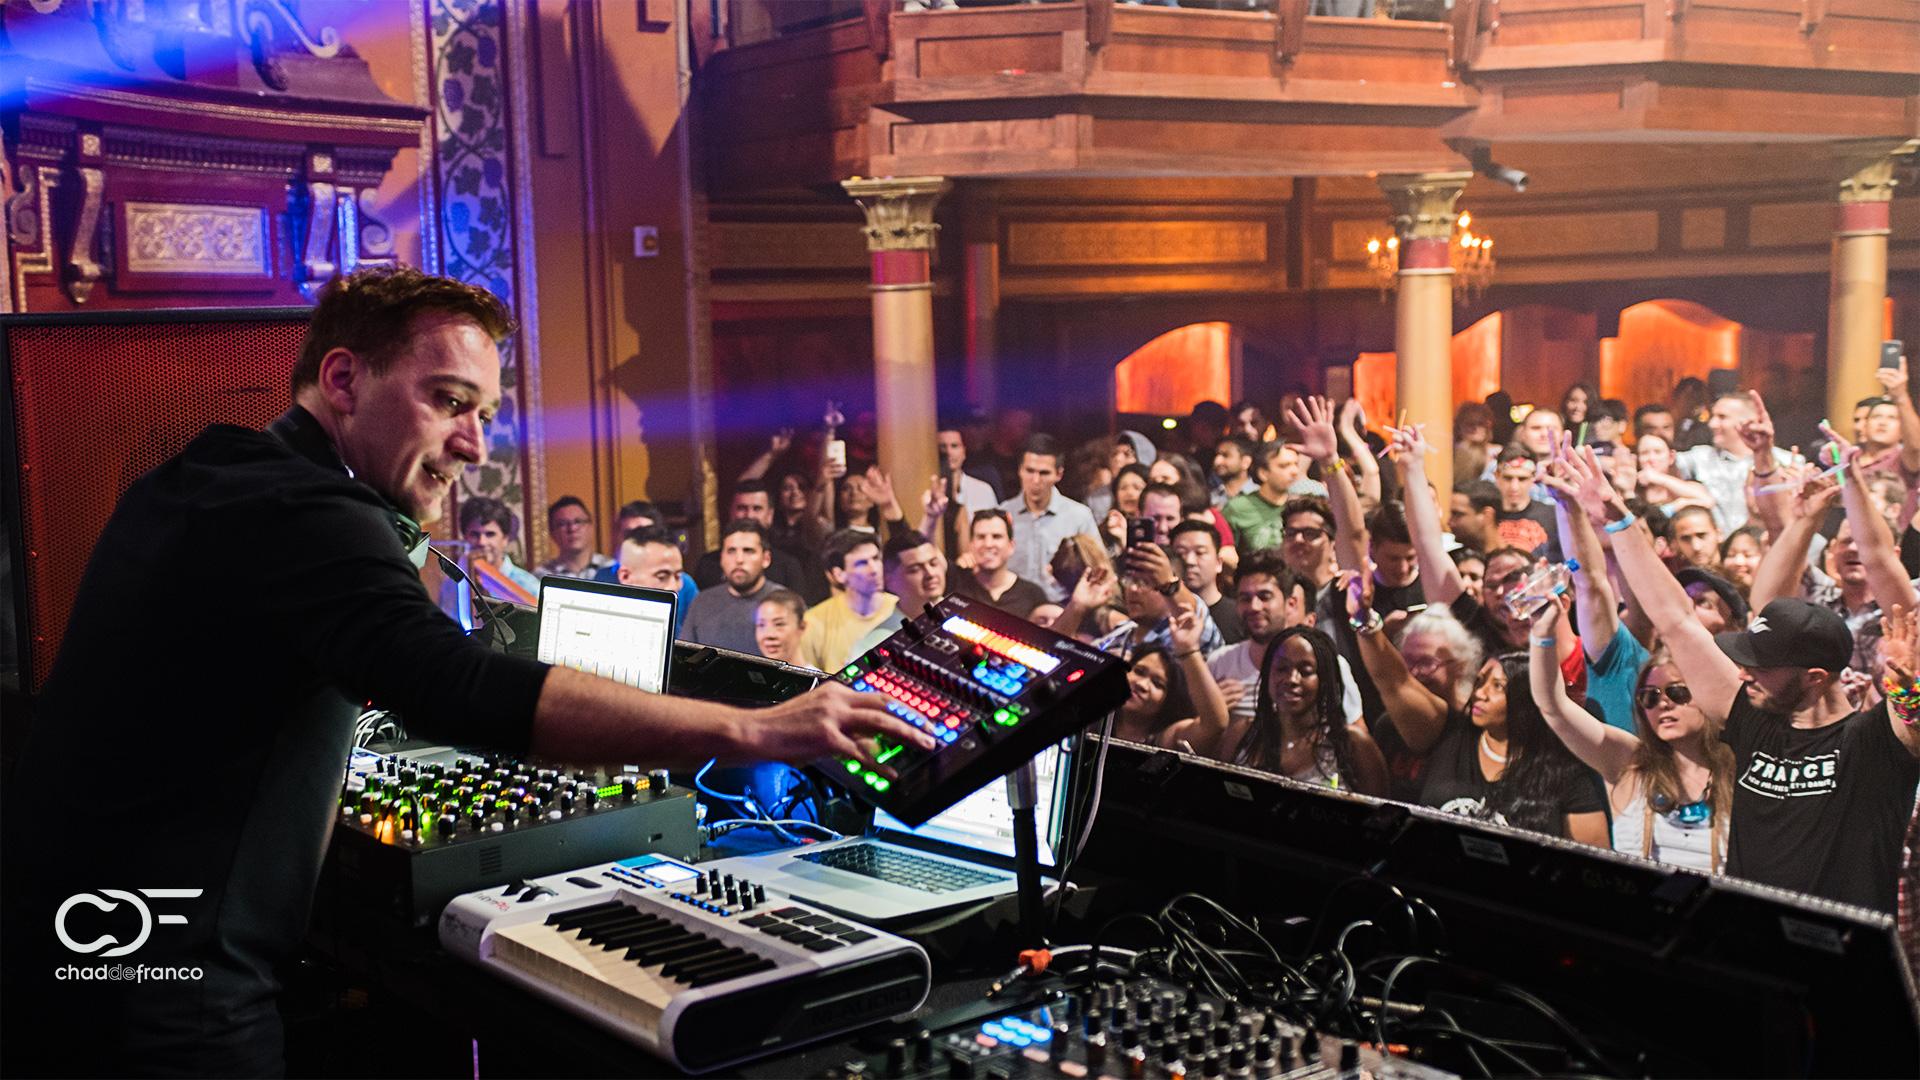 Paul van Dyk exciting a crowd at Opera Nightclub in Atlanta